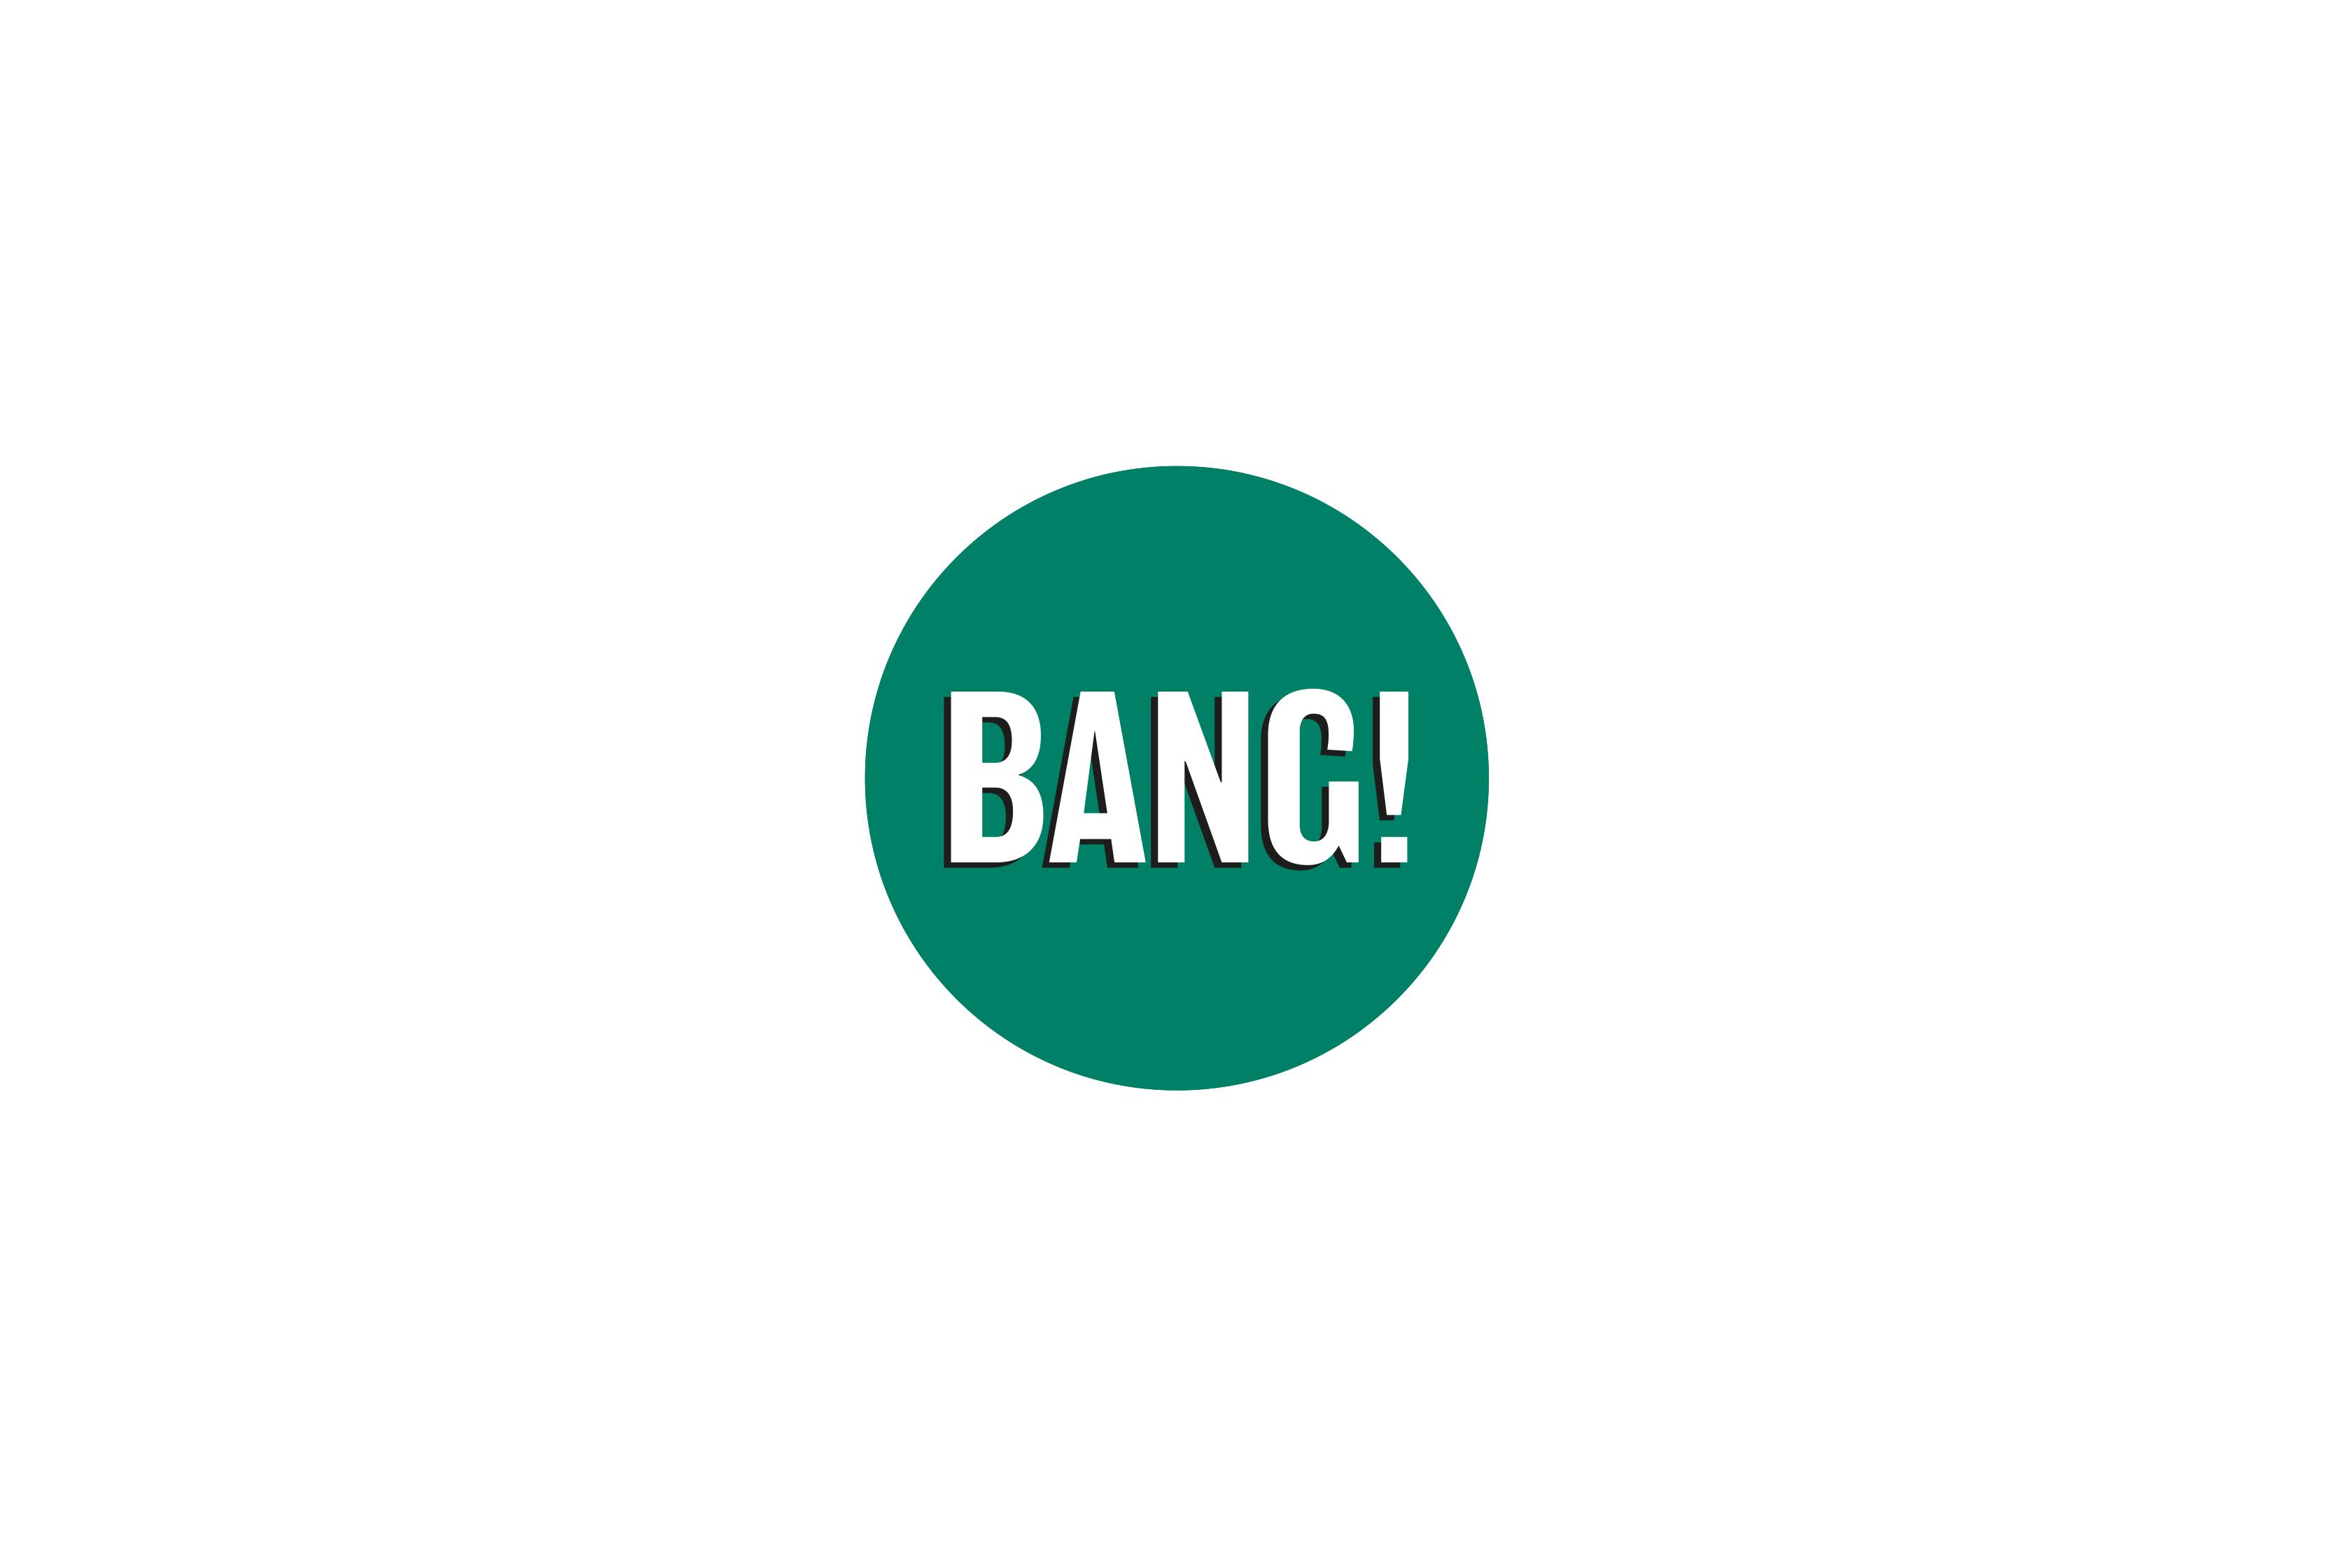 logo-green-round